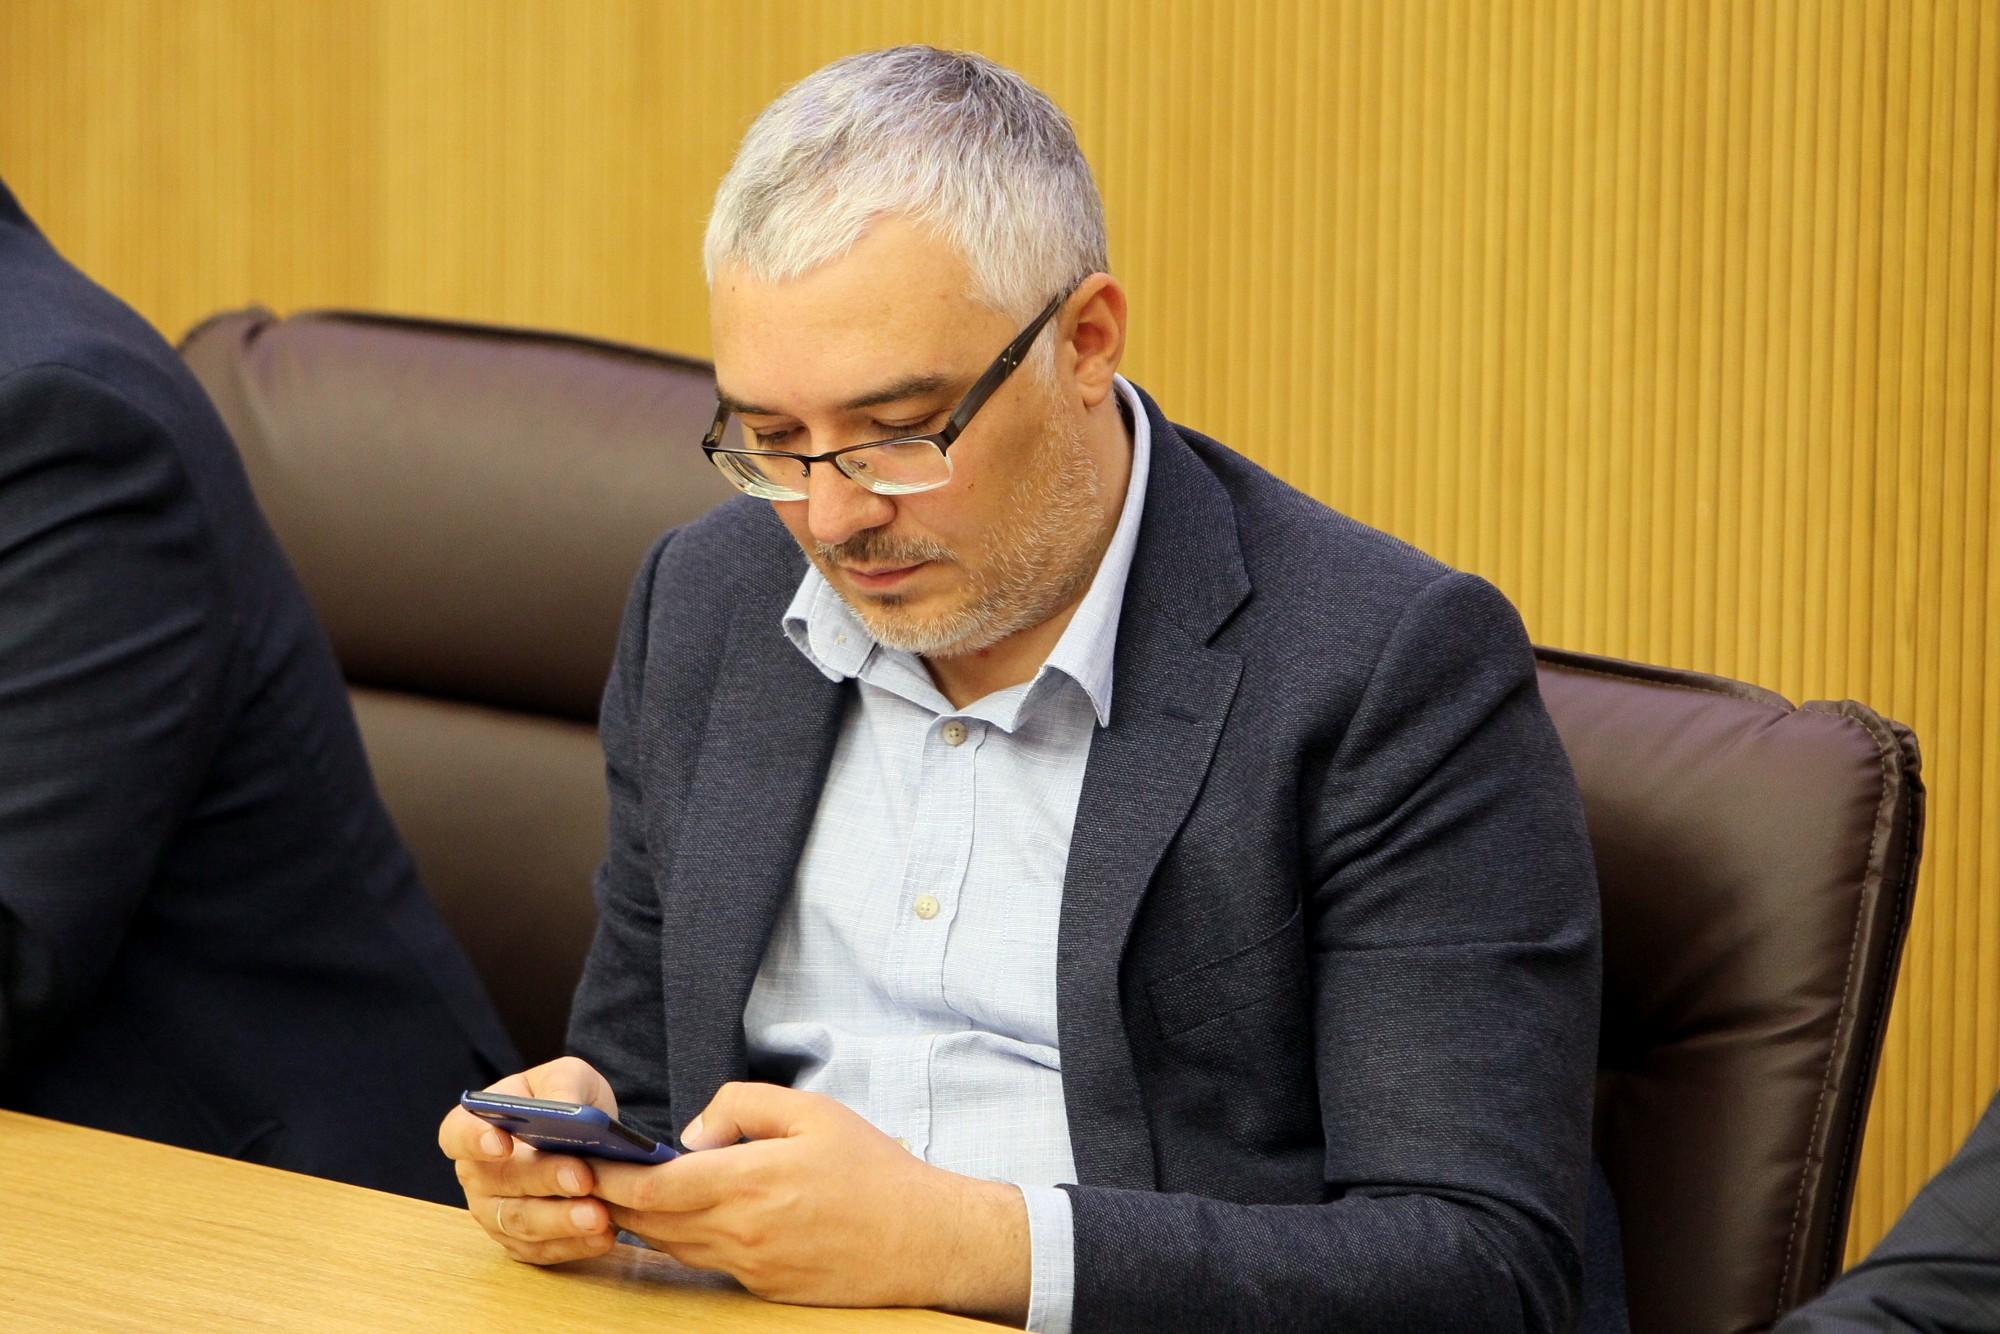 Дмитрий Песков сообщил, что у Путина появился второй Дмитрий Песков